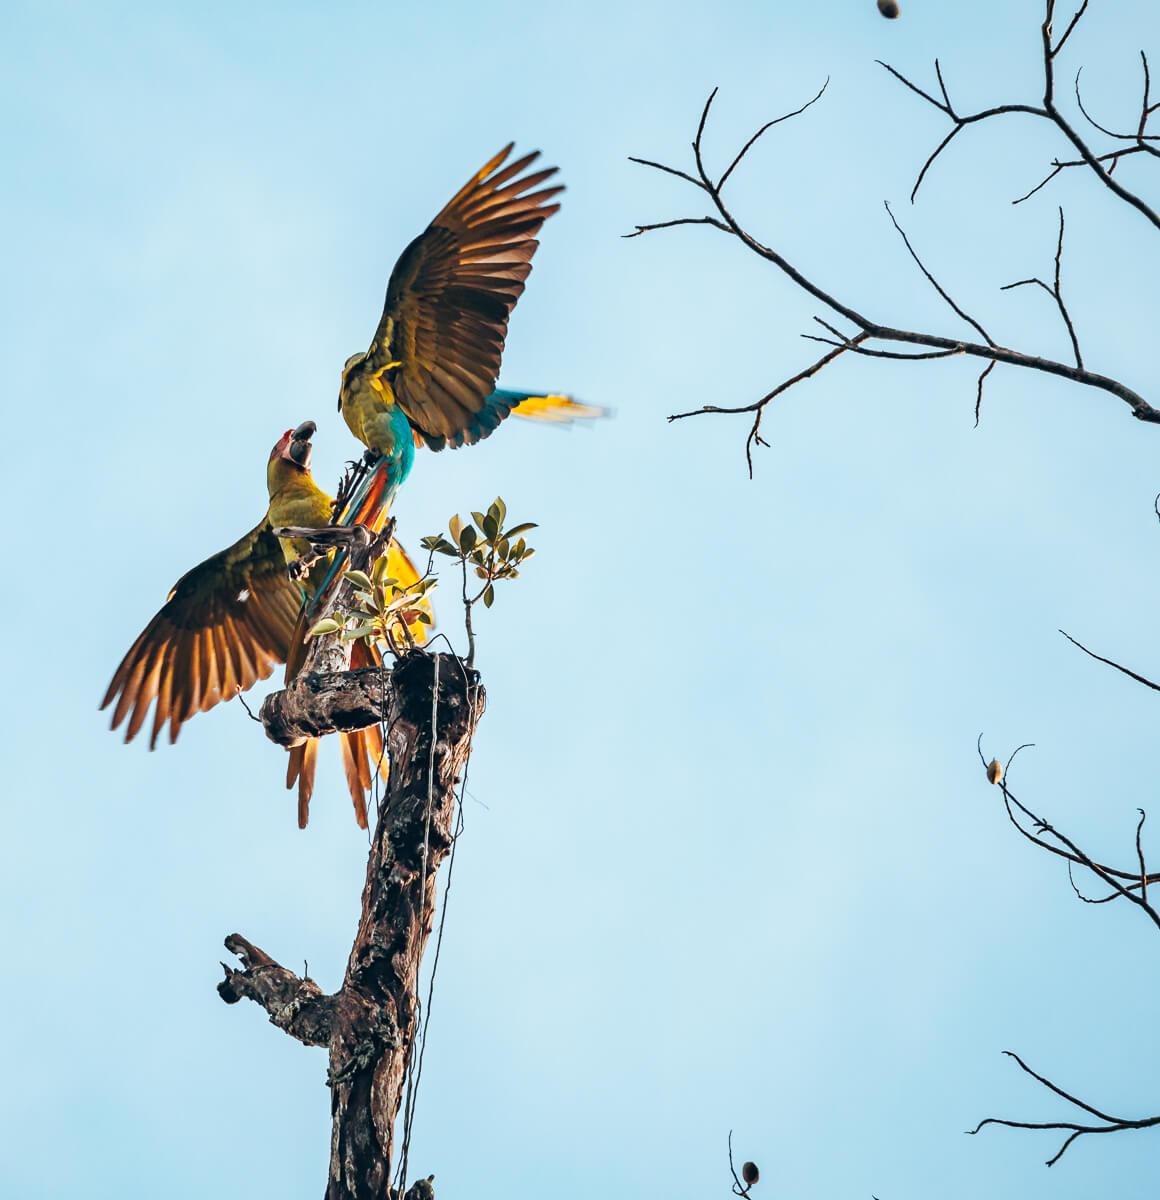 Aras im Tortuguero Nationalpark